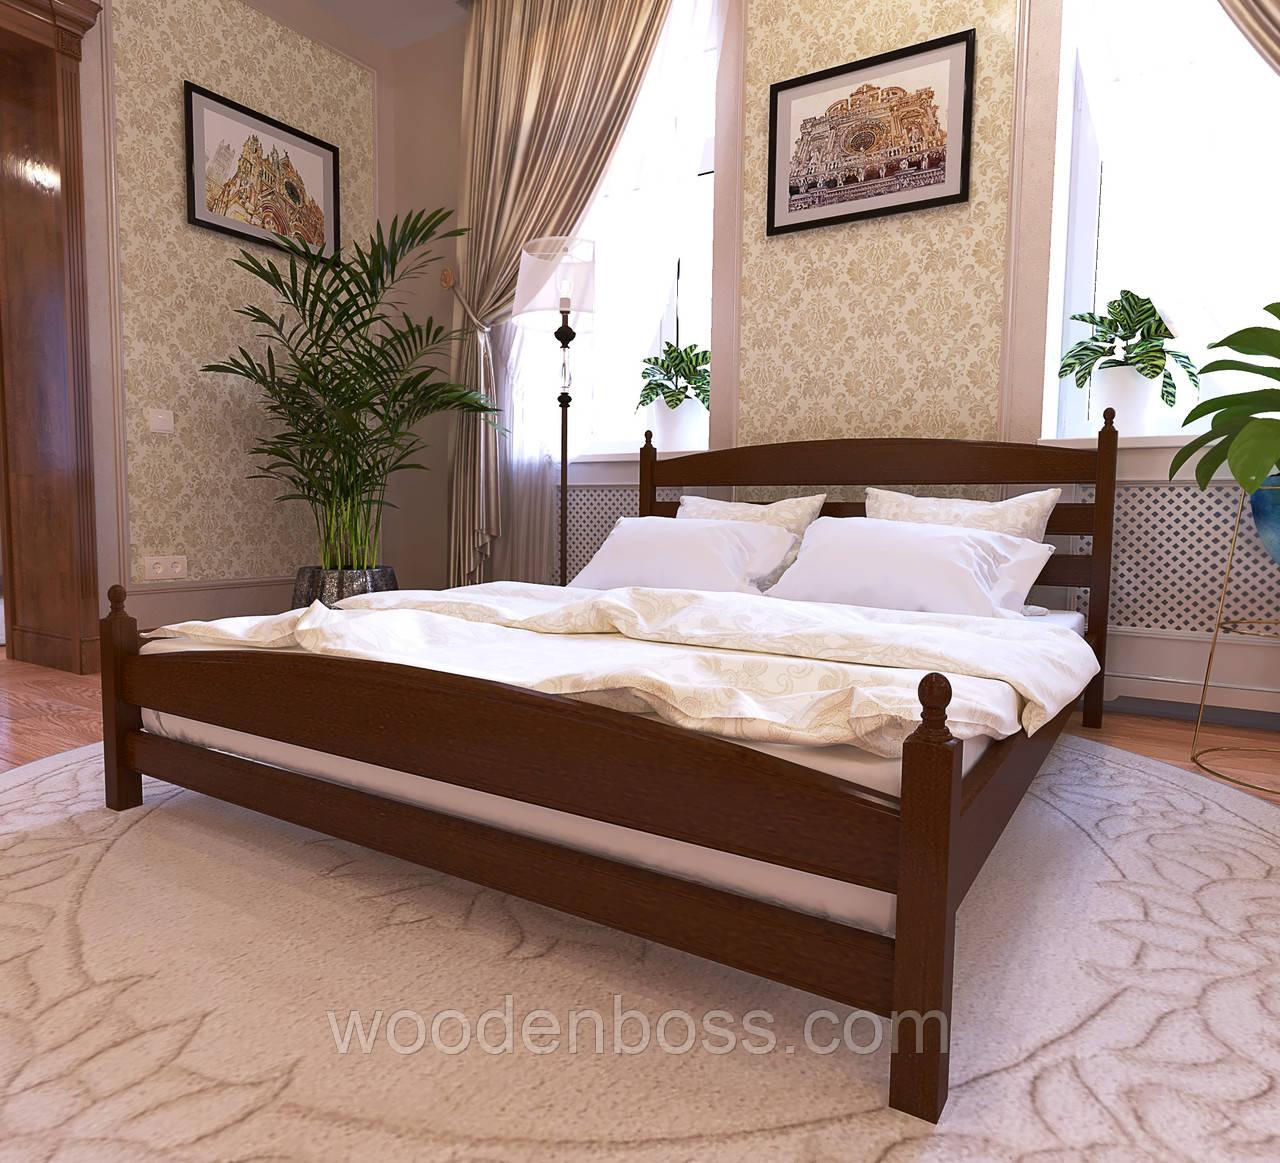 """Кровать односпальная от """"Wooden Boss"""" Классик Люкс (спальное место 80х190/200)"""